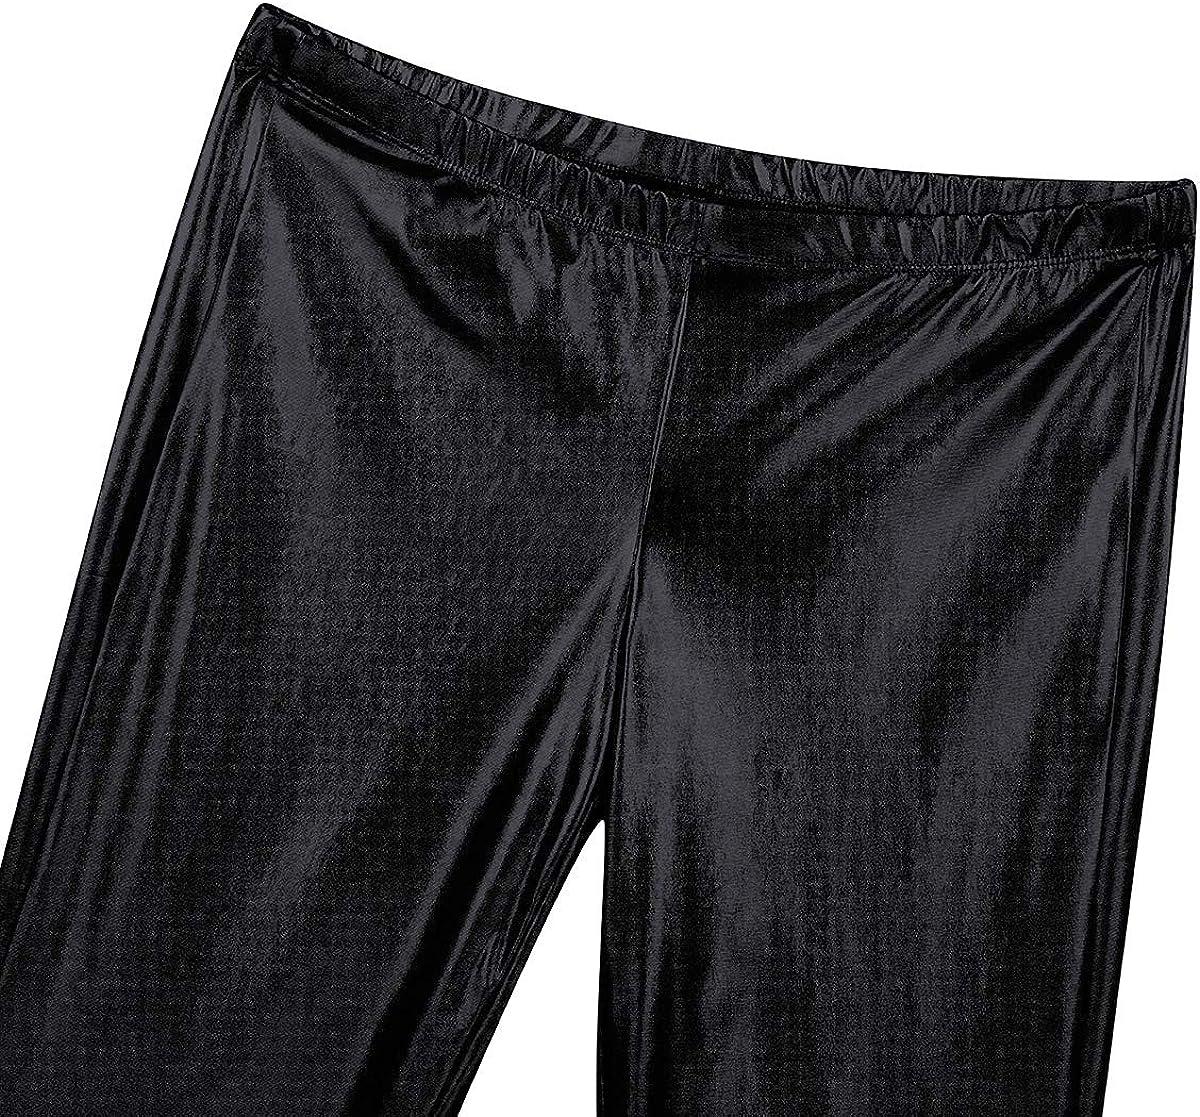 inlzdz Pantal/ón Retro de Los A/ños 70 para Hombre Brillante Pantalones Largos de Danza Disfraz Disco Campana Met/álico Ropa Esc/énica